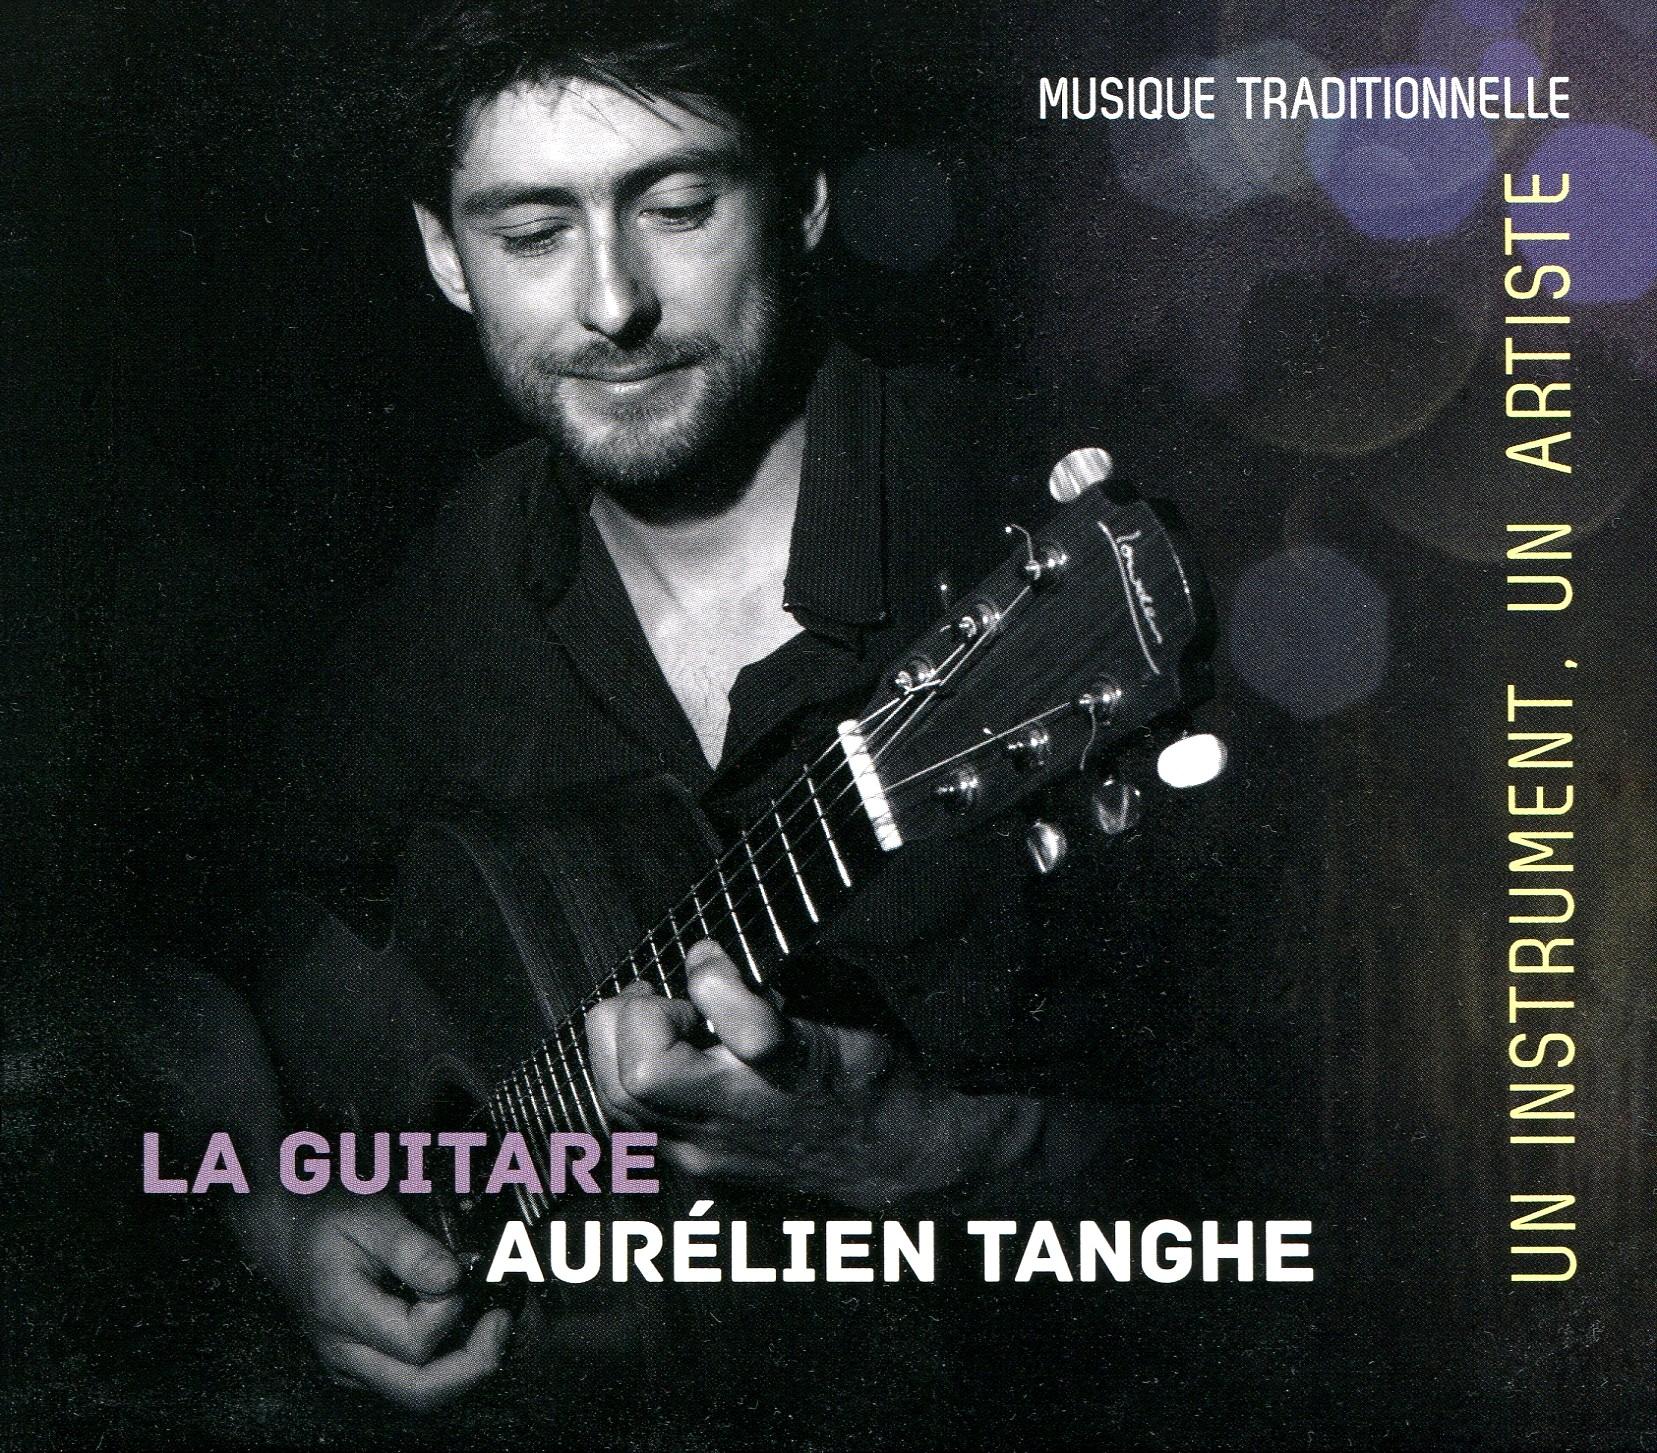 CD AurélienTanghe